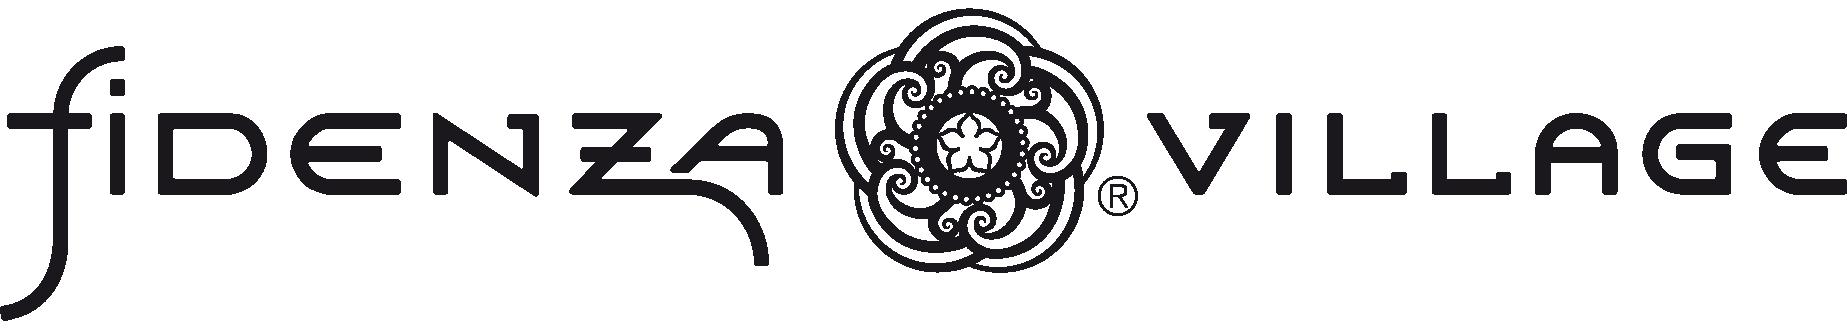 FIDENZA-VILLAGE-LOGO2